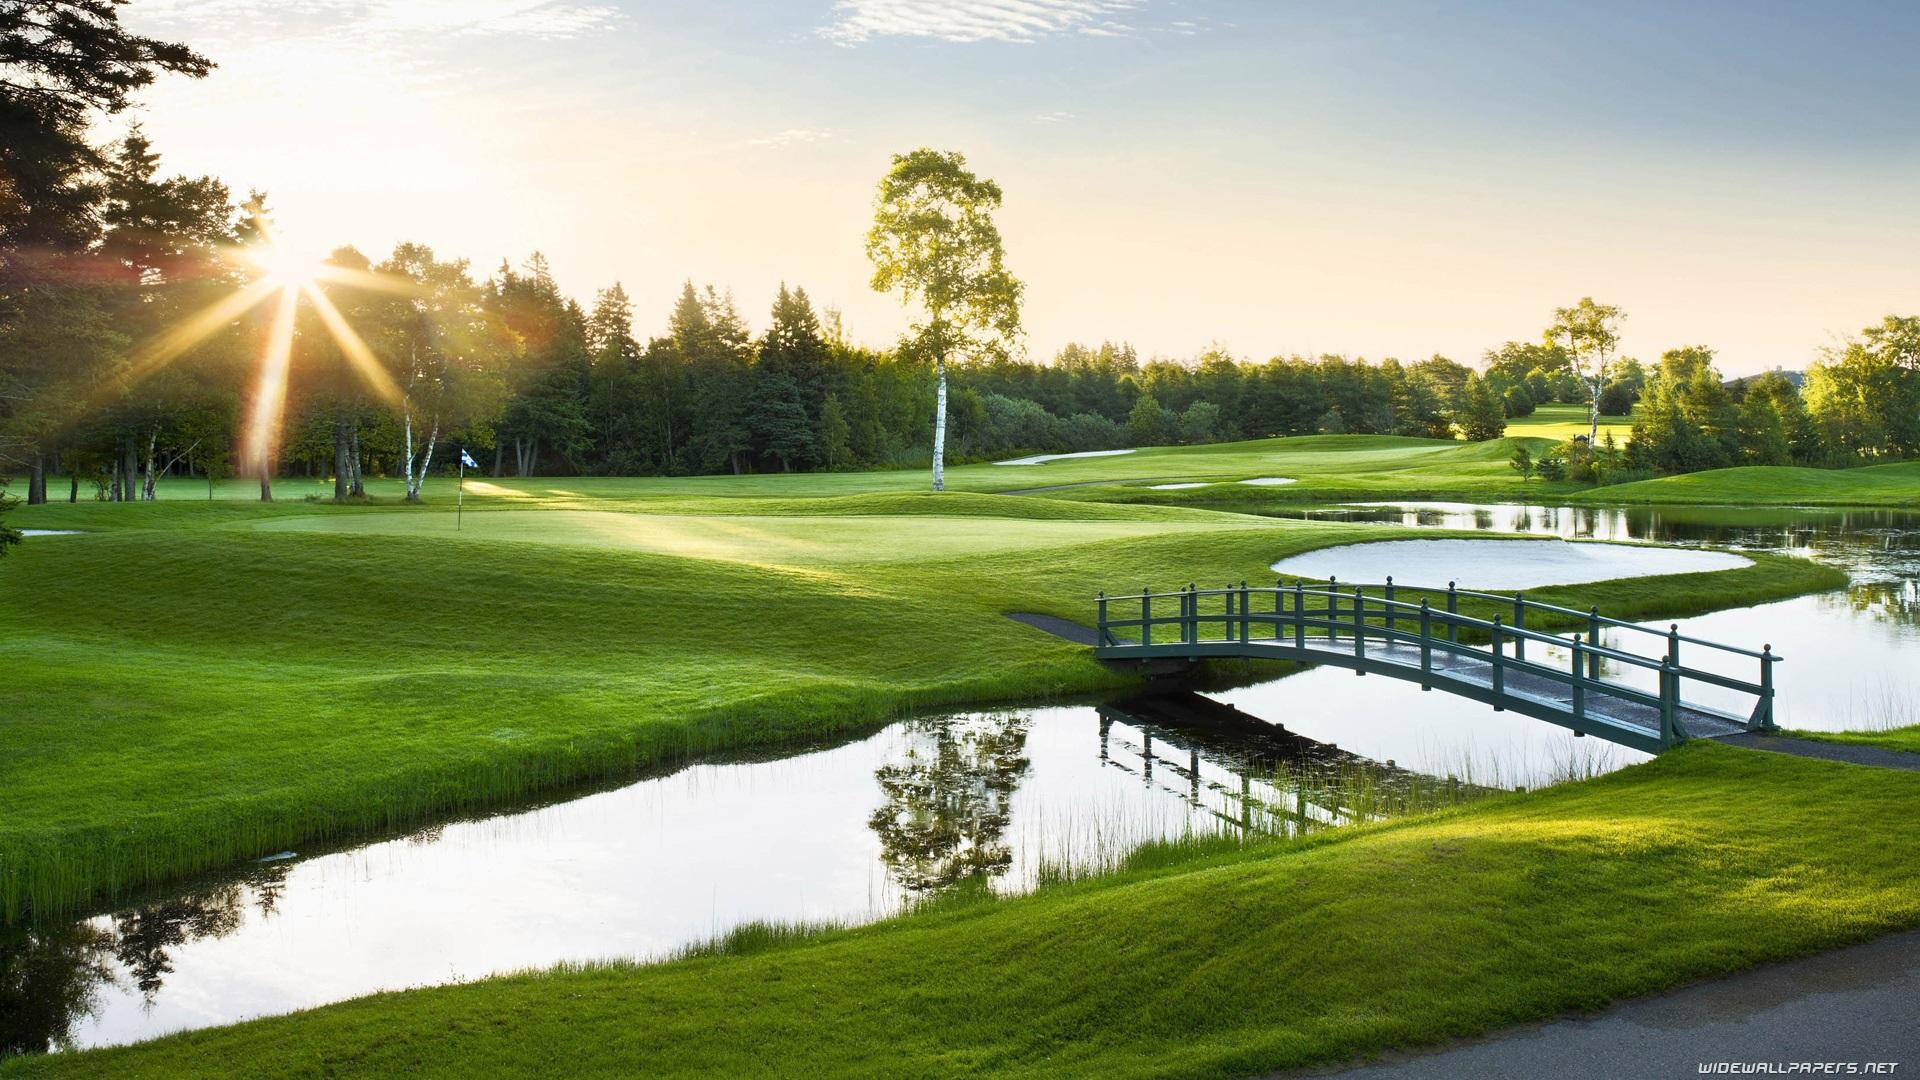 Sport Golf Course Backgrounds Wallpaper 12691 Wallpaper 1920x1080